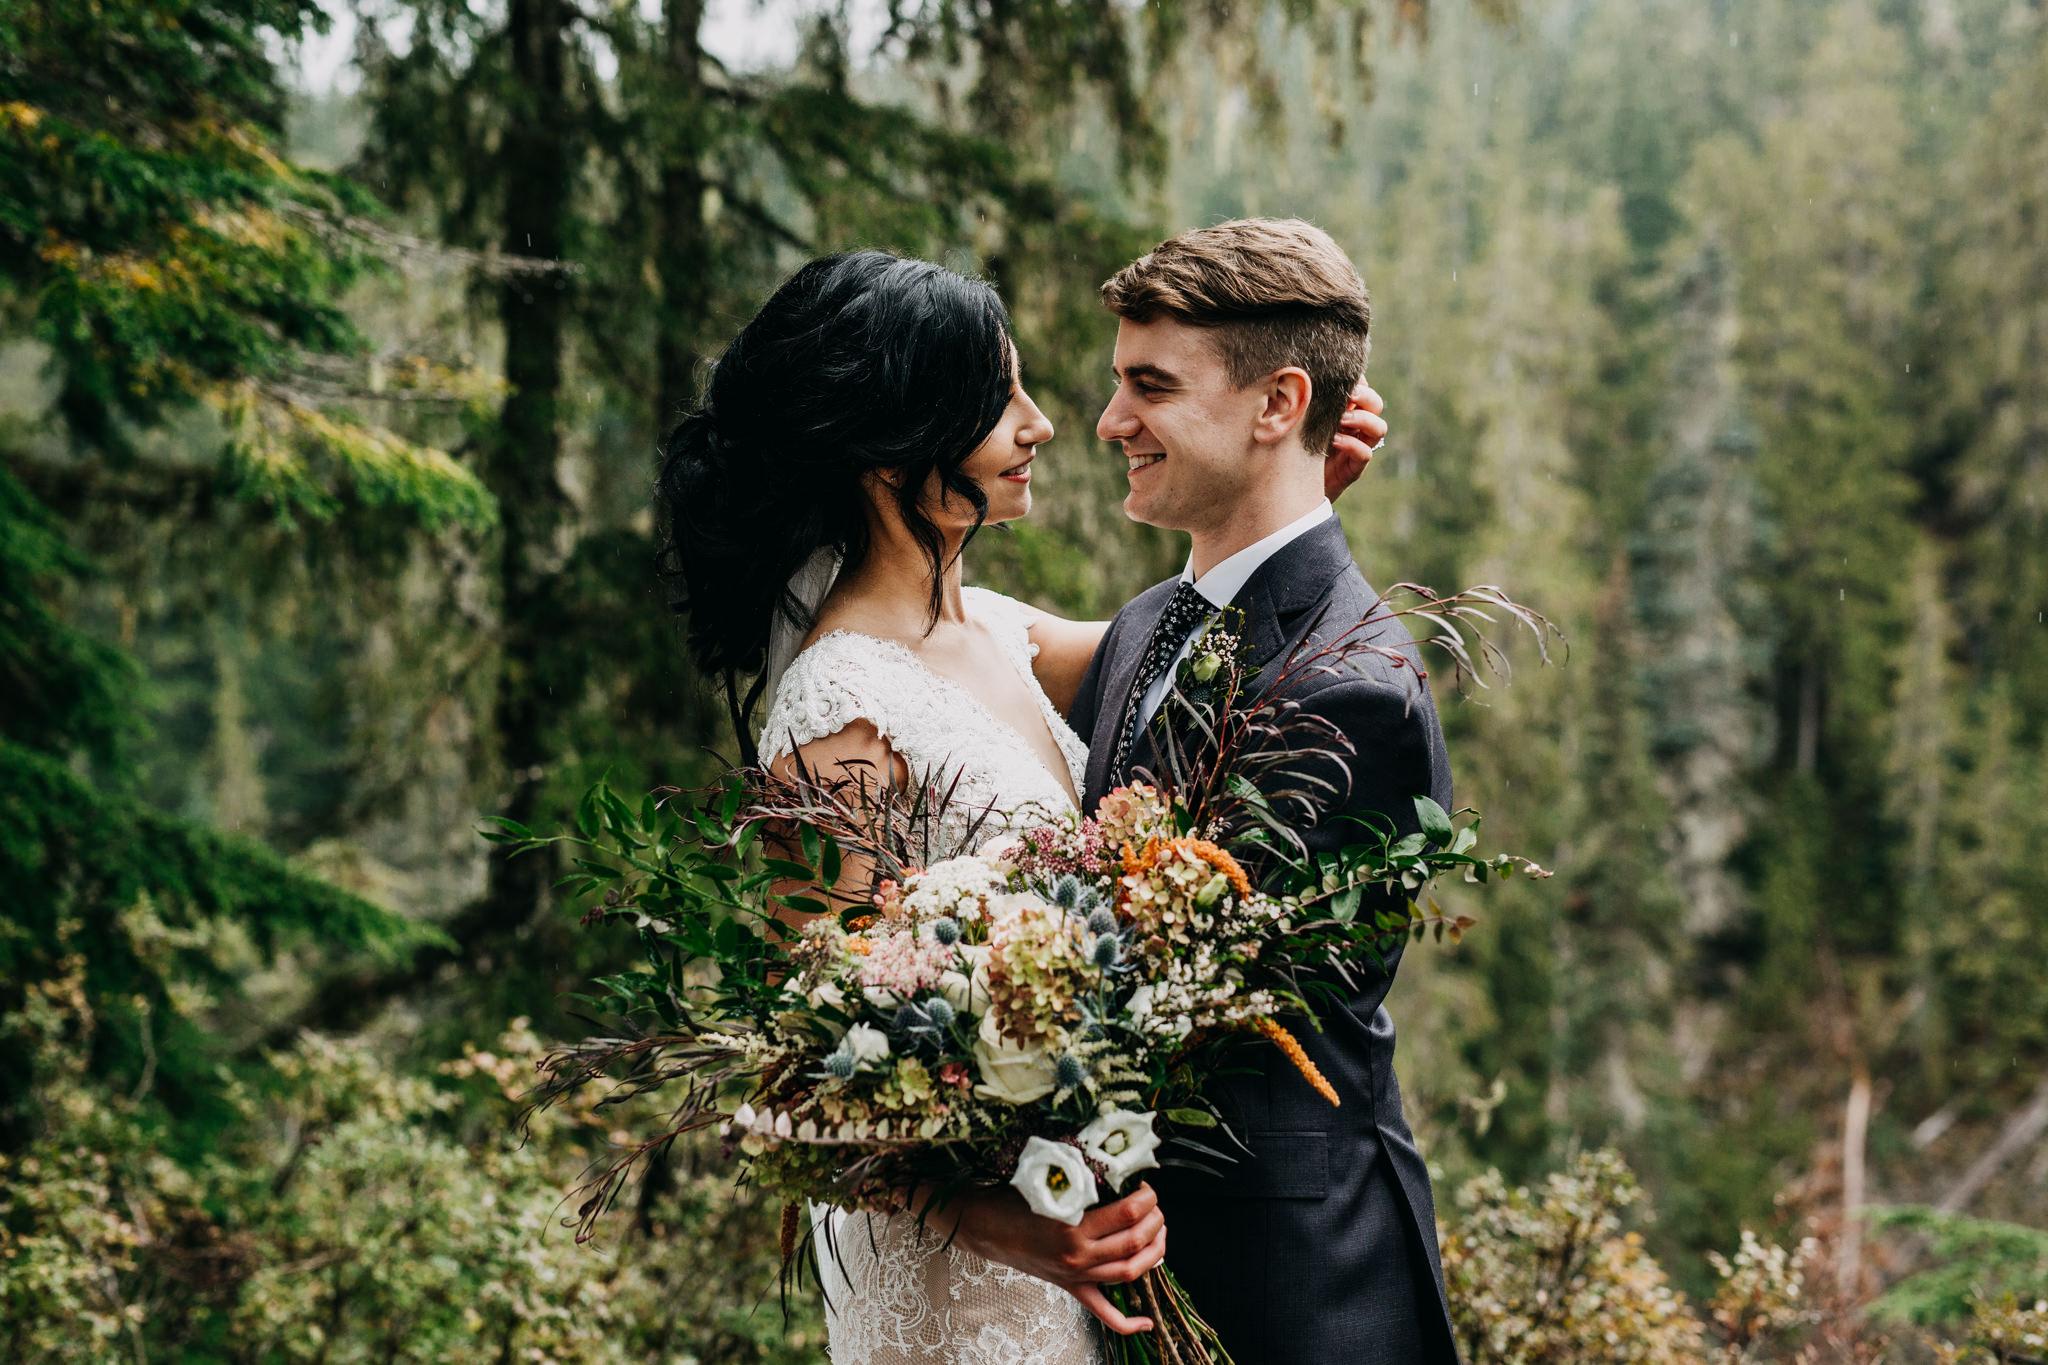 allison-linden-alexander-falls-nita-lake-whistler-elopement-web-347.jpg